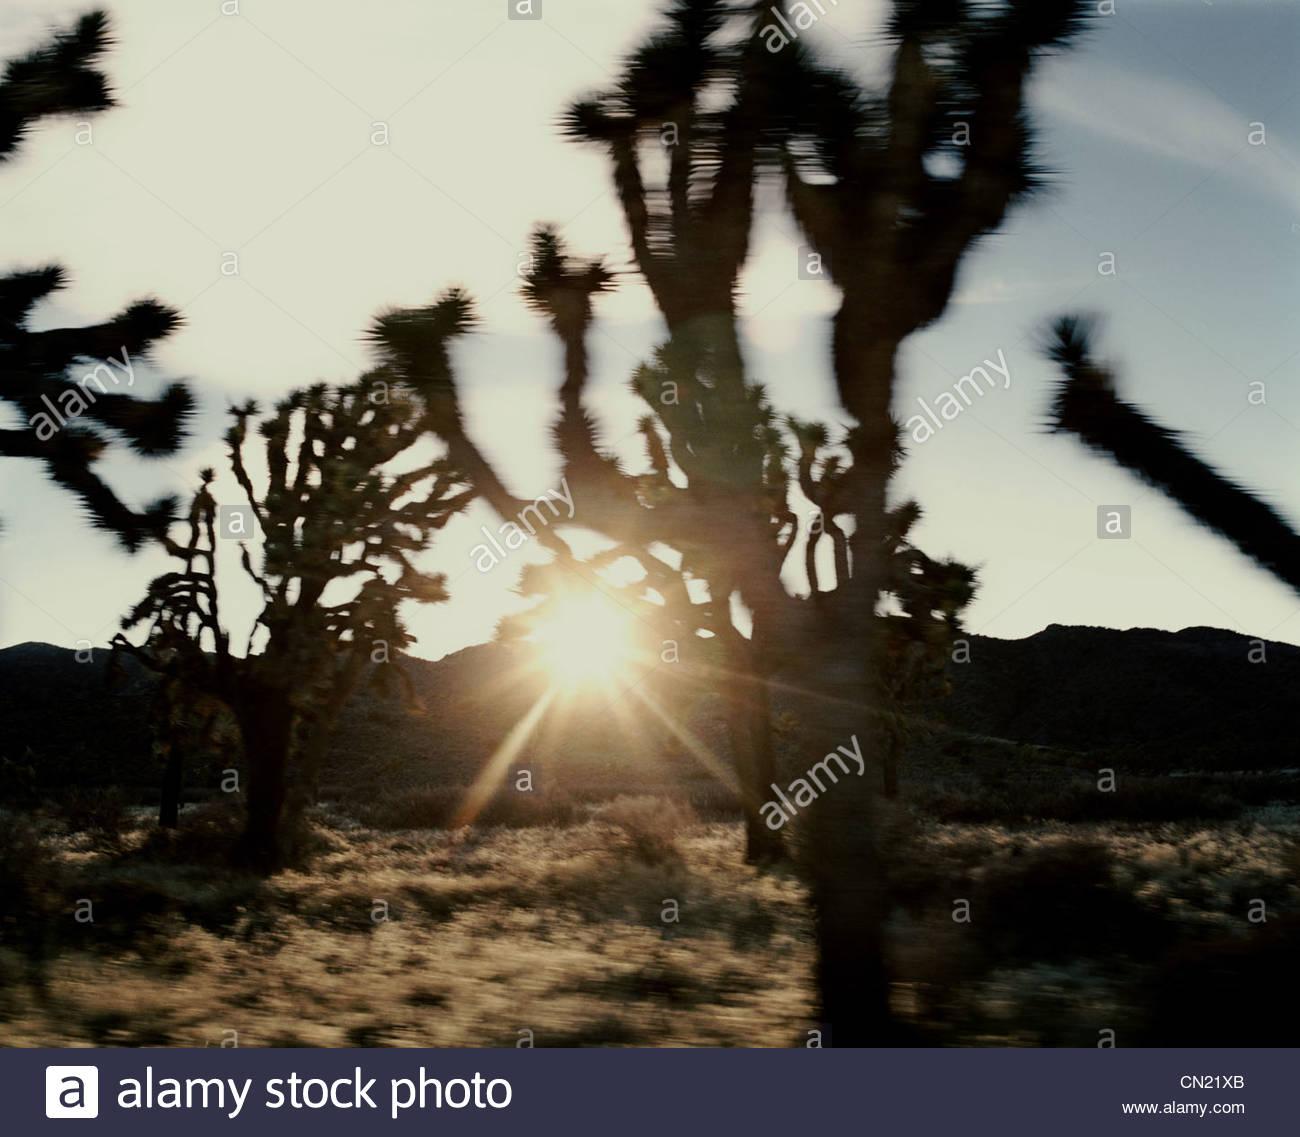 Verschwommen landschaftlich, Joshua Tree, Kalifornien, USA Stockbild